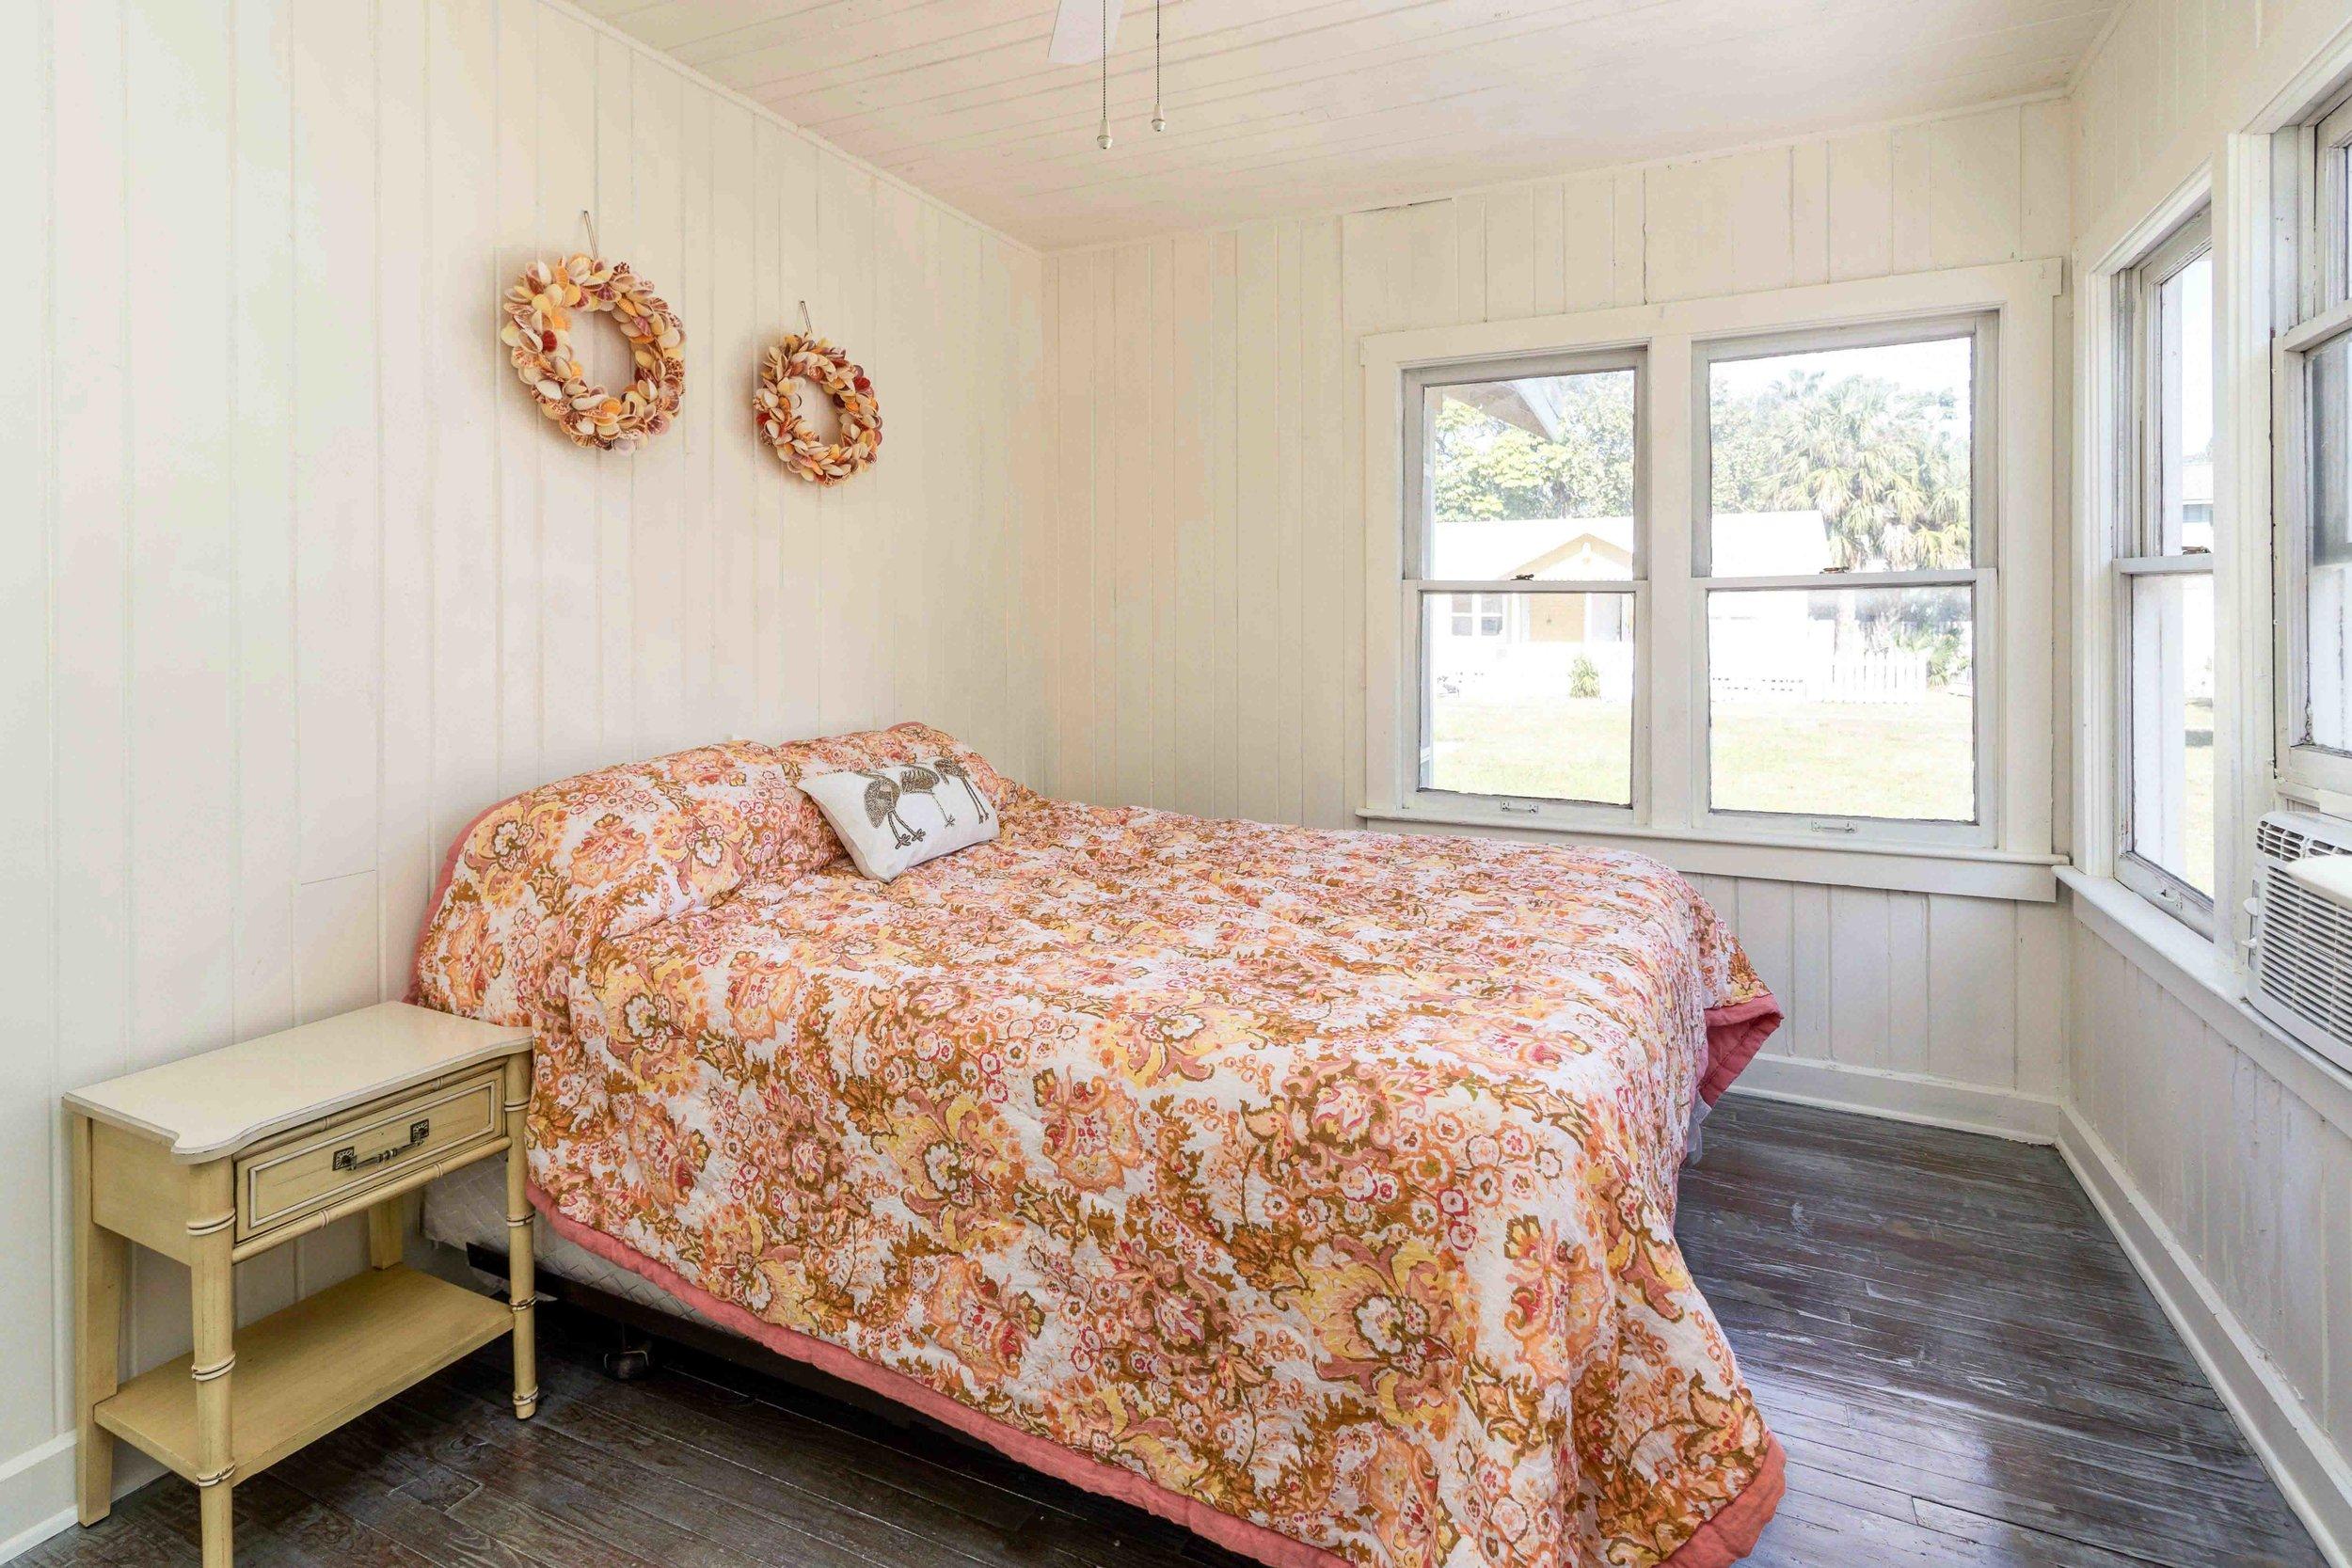 38-WEB_Sunshine Cozy Cottages-December 18, 2018.jpg